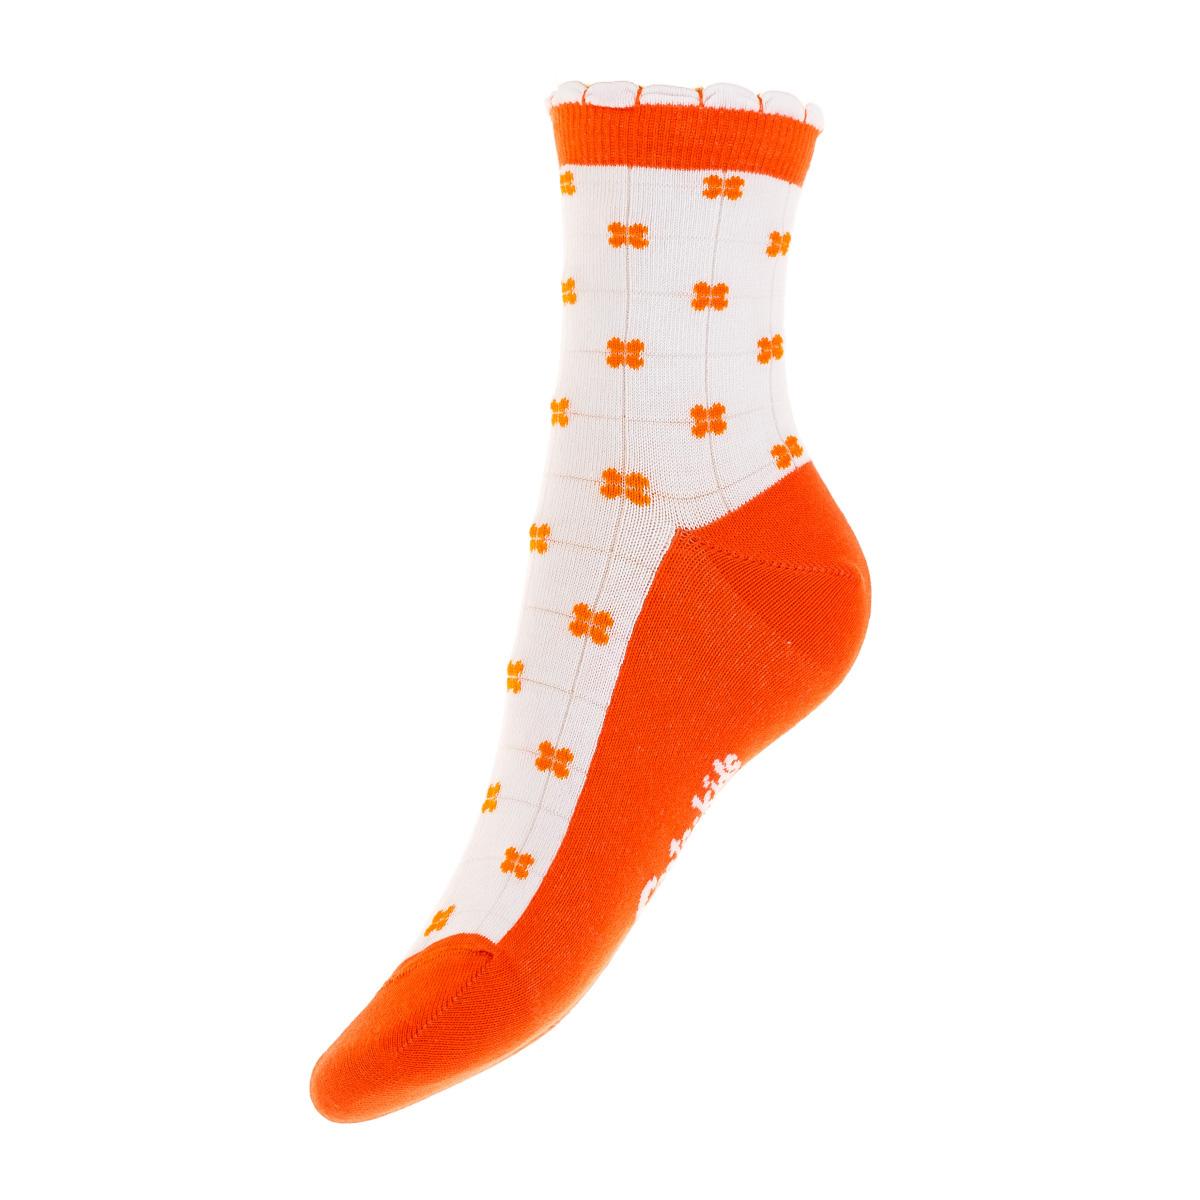 Носки03803-238Удобные носочки для девочки Conte-Kids Tip-top, изготовленные из высококачественного комбинированного материала, очень мягкие и приятные на ощупь, позволяют коже дышать. Модель оформлена эластичной резинкой в паголенке, которая плотно облегает ногу, обеспечивая комфорт и удобство. Носки оформлены ярким принтом.